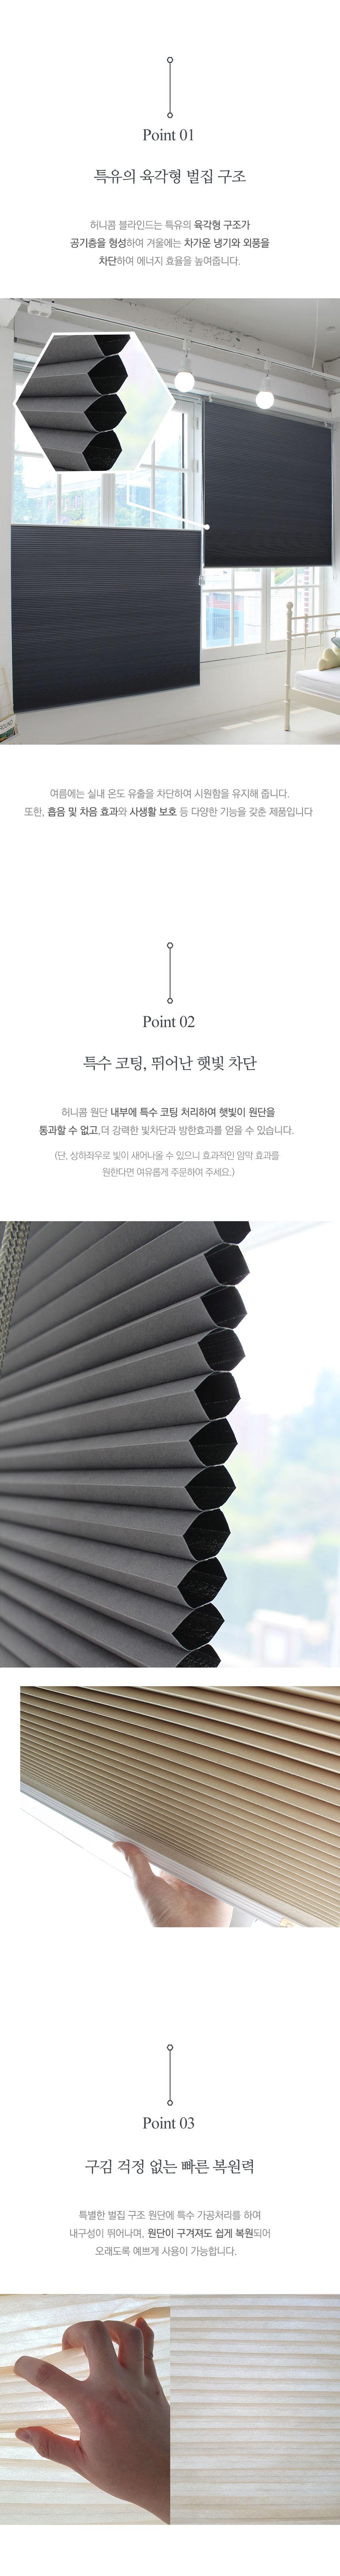 암막 허니콤 블라인드 특징1